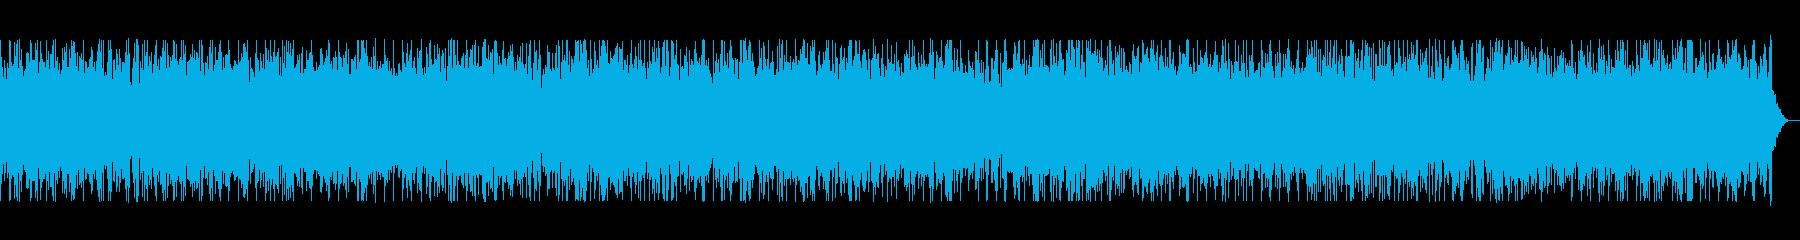 ケルト系フィドルバンド民族風[6分間]の再生済みの波形